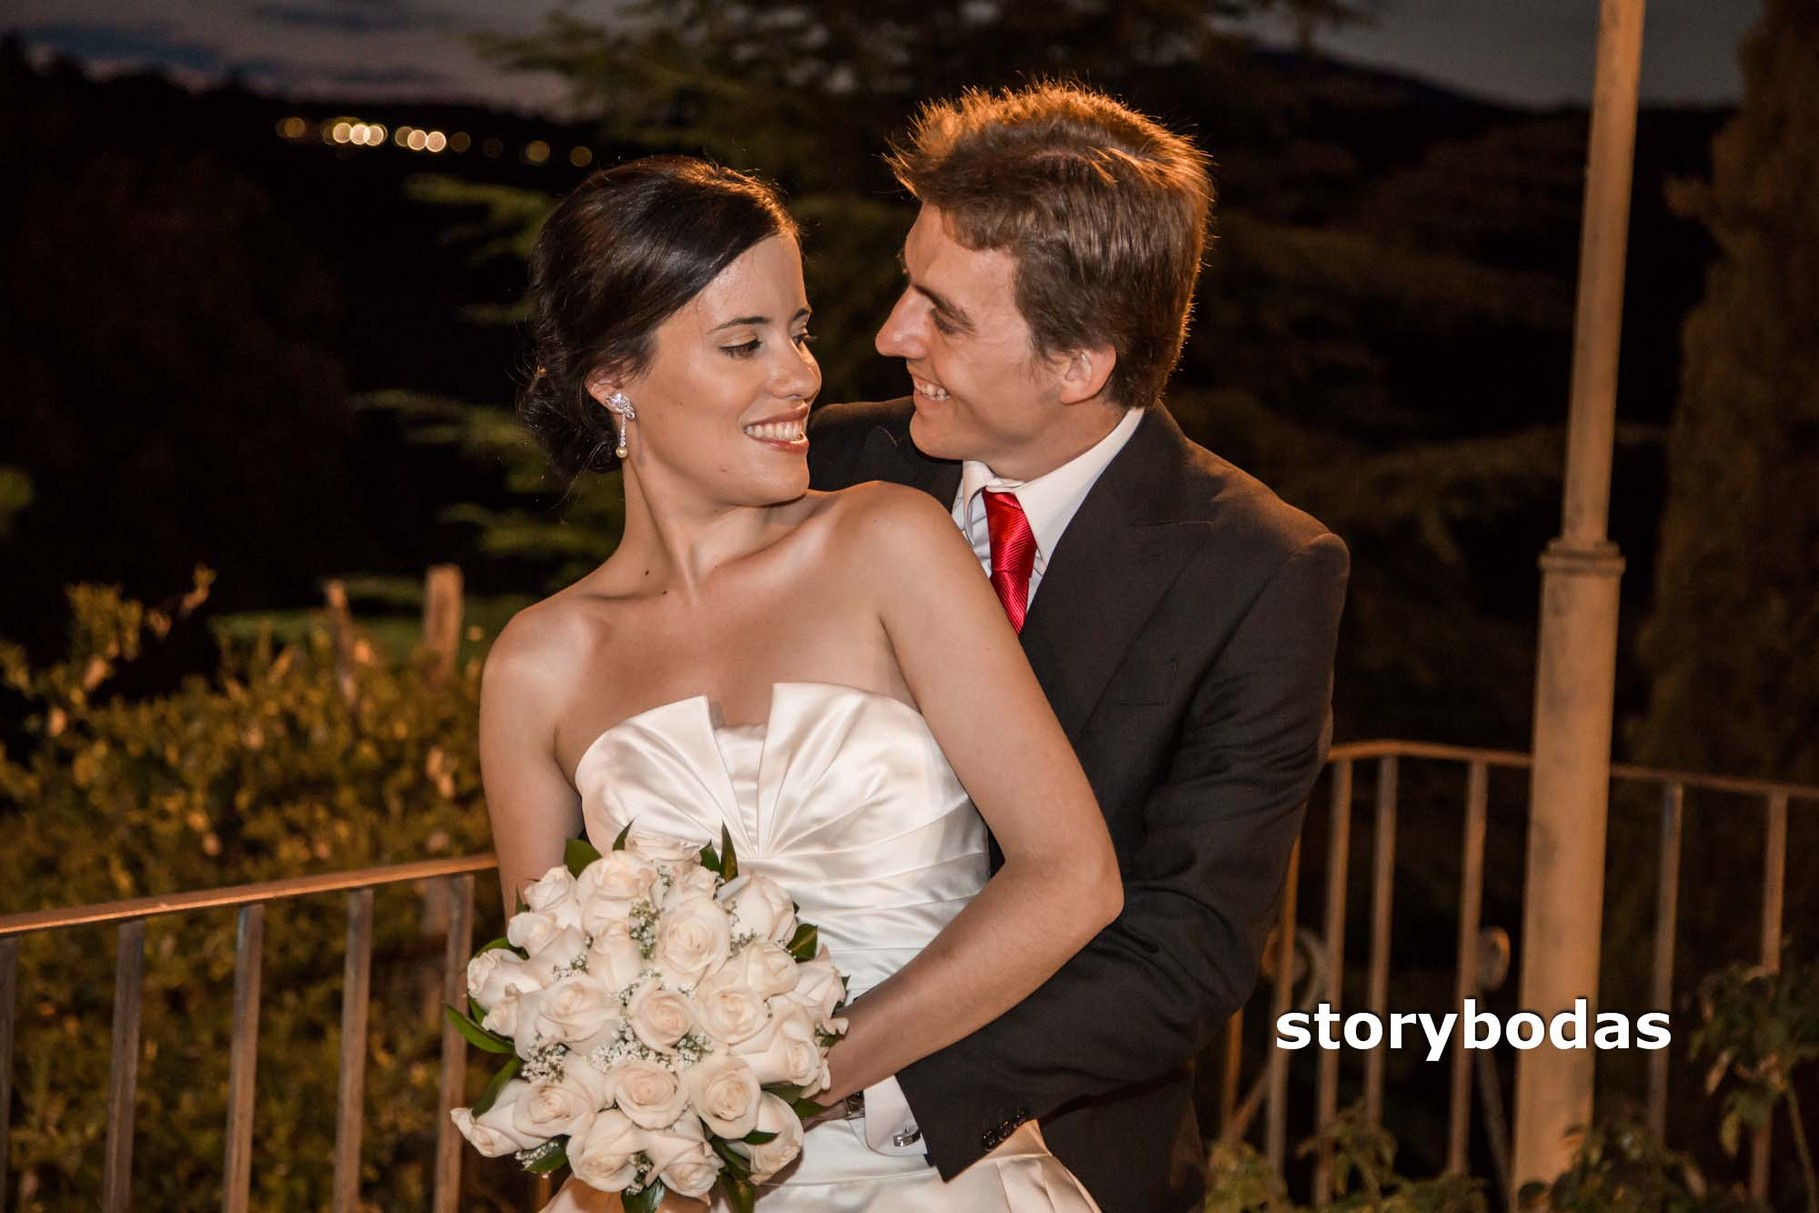 storybodas Fotos de pose novios boda 6